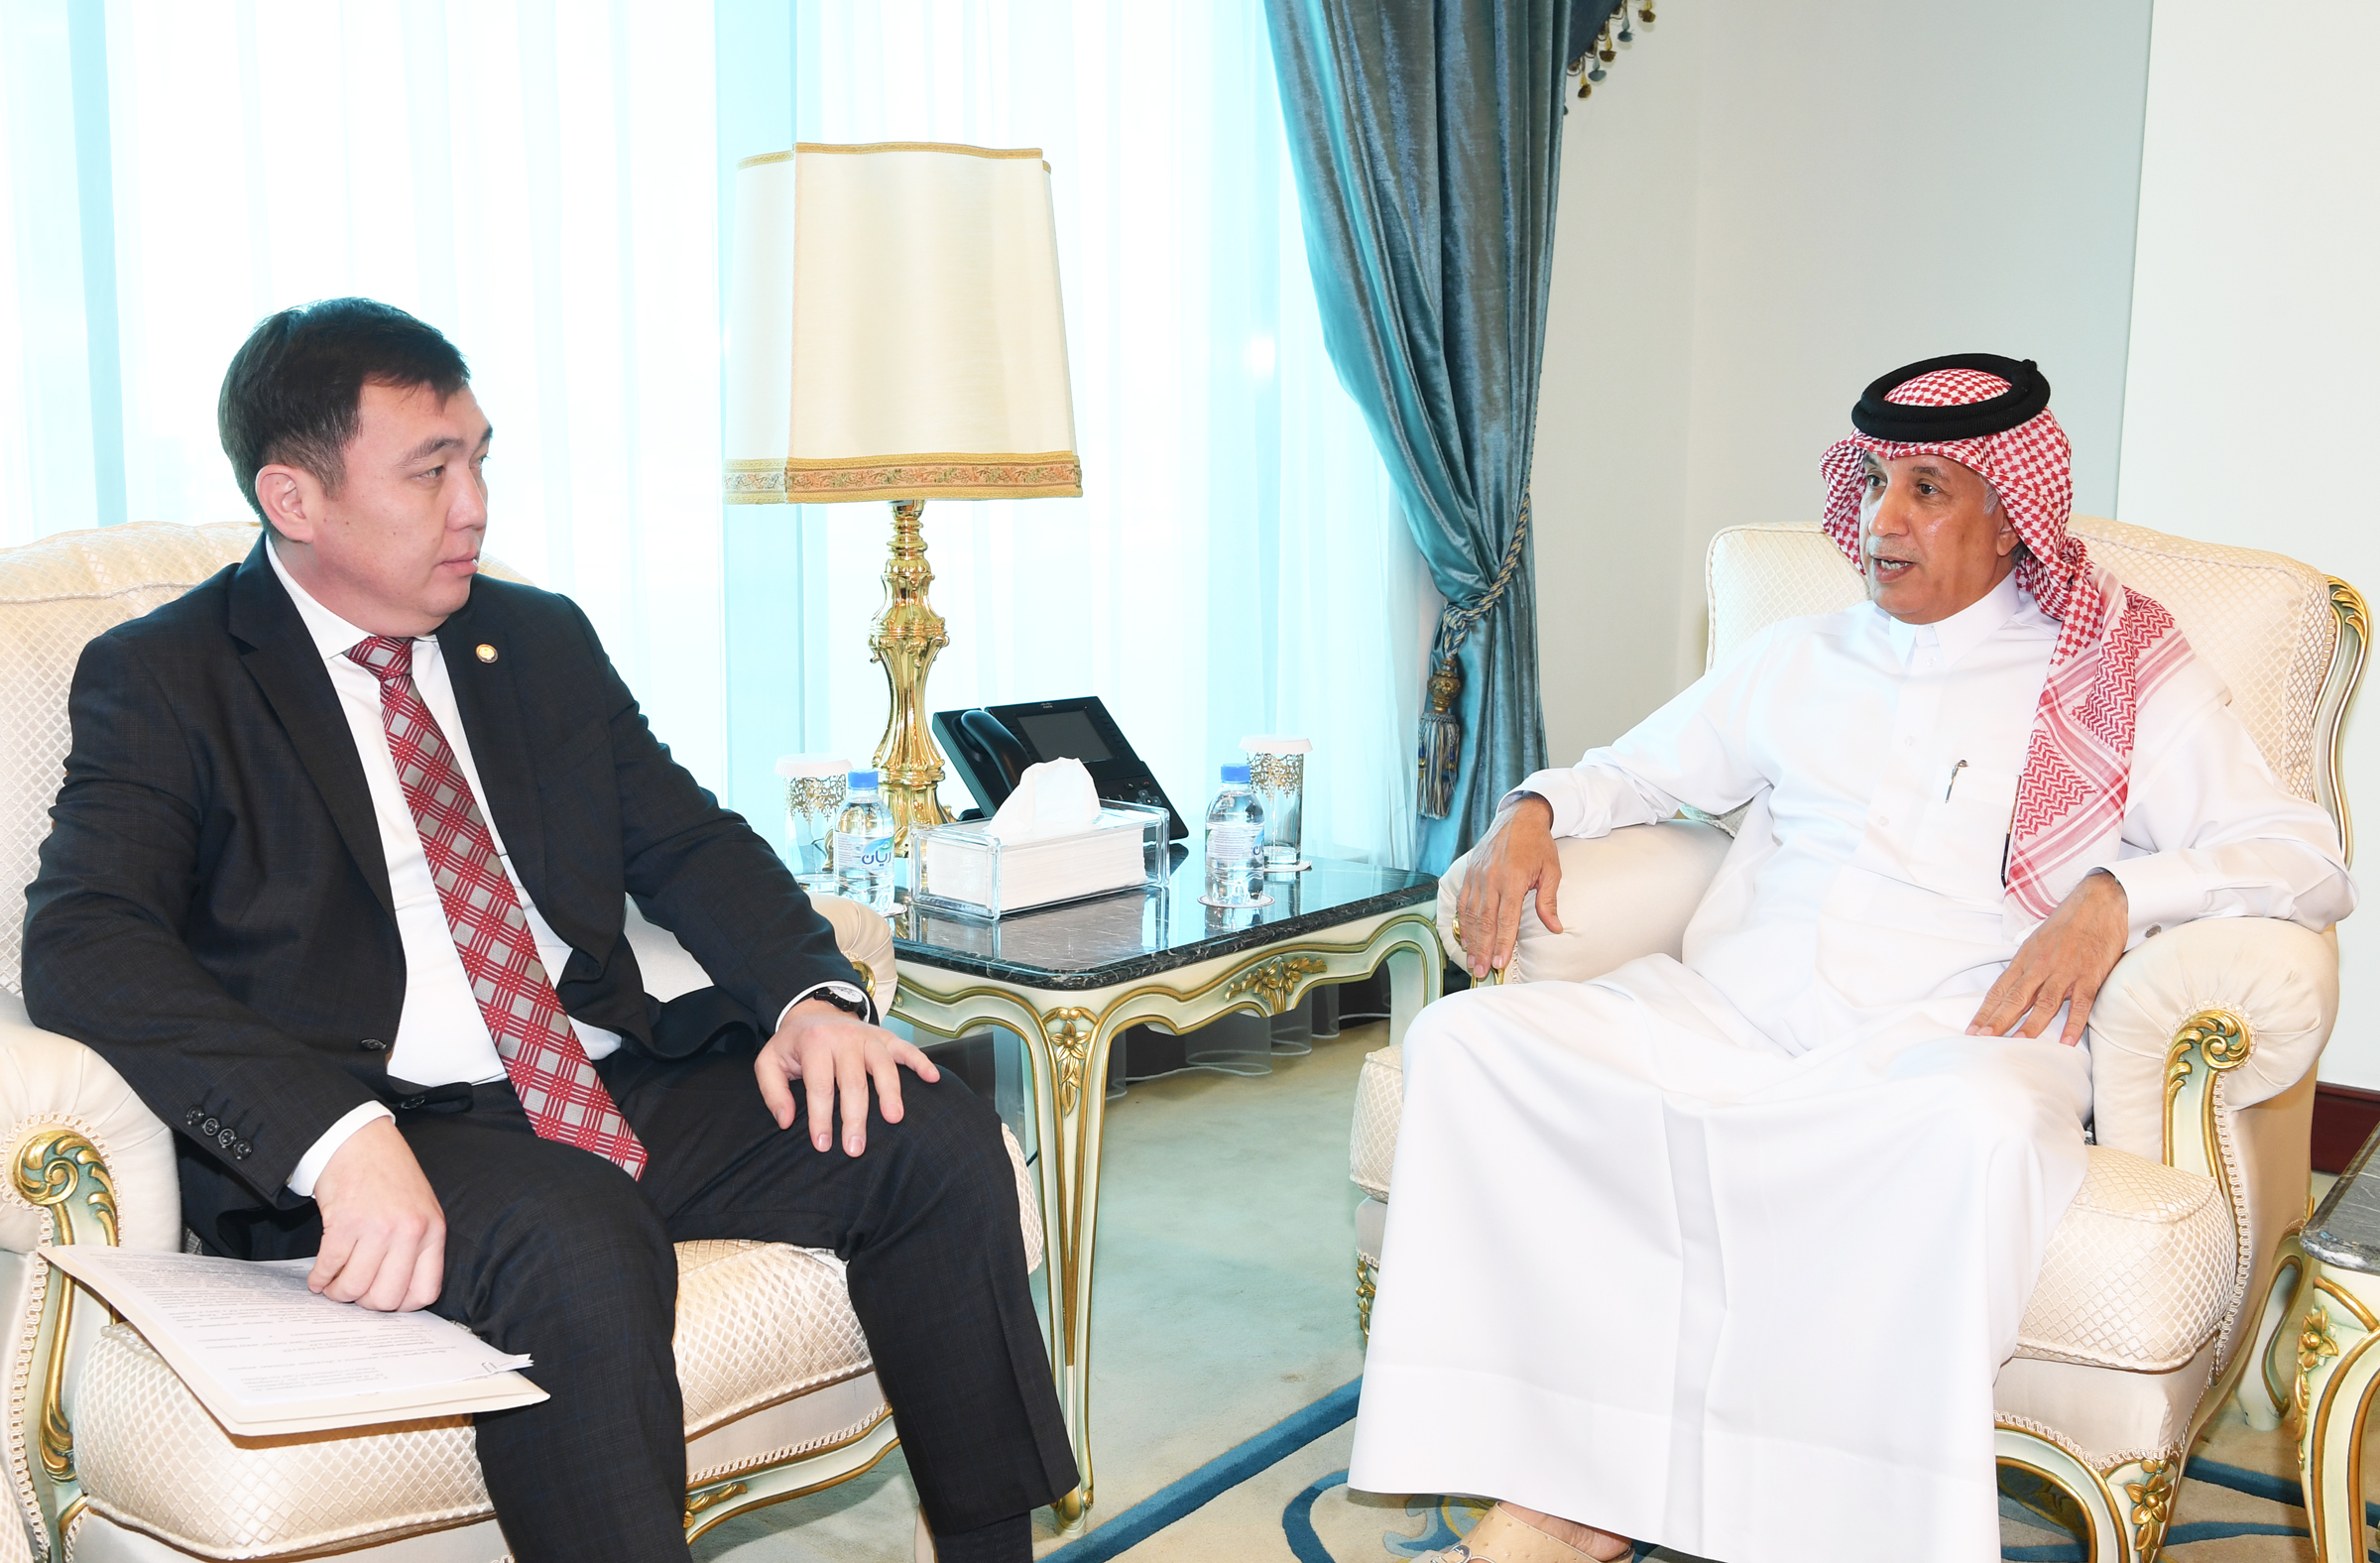 وزير الدولة للشؤون الخارجية يجتمع مع نائب وزير خارجية الجمهورية القرغيزية